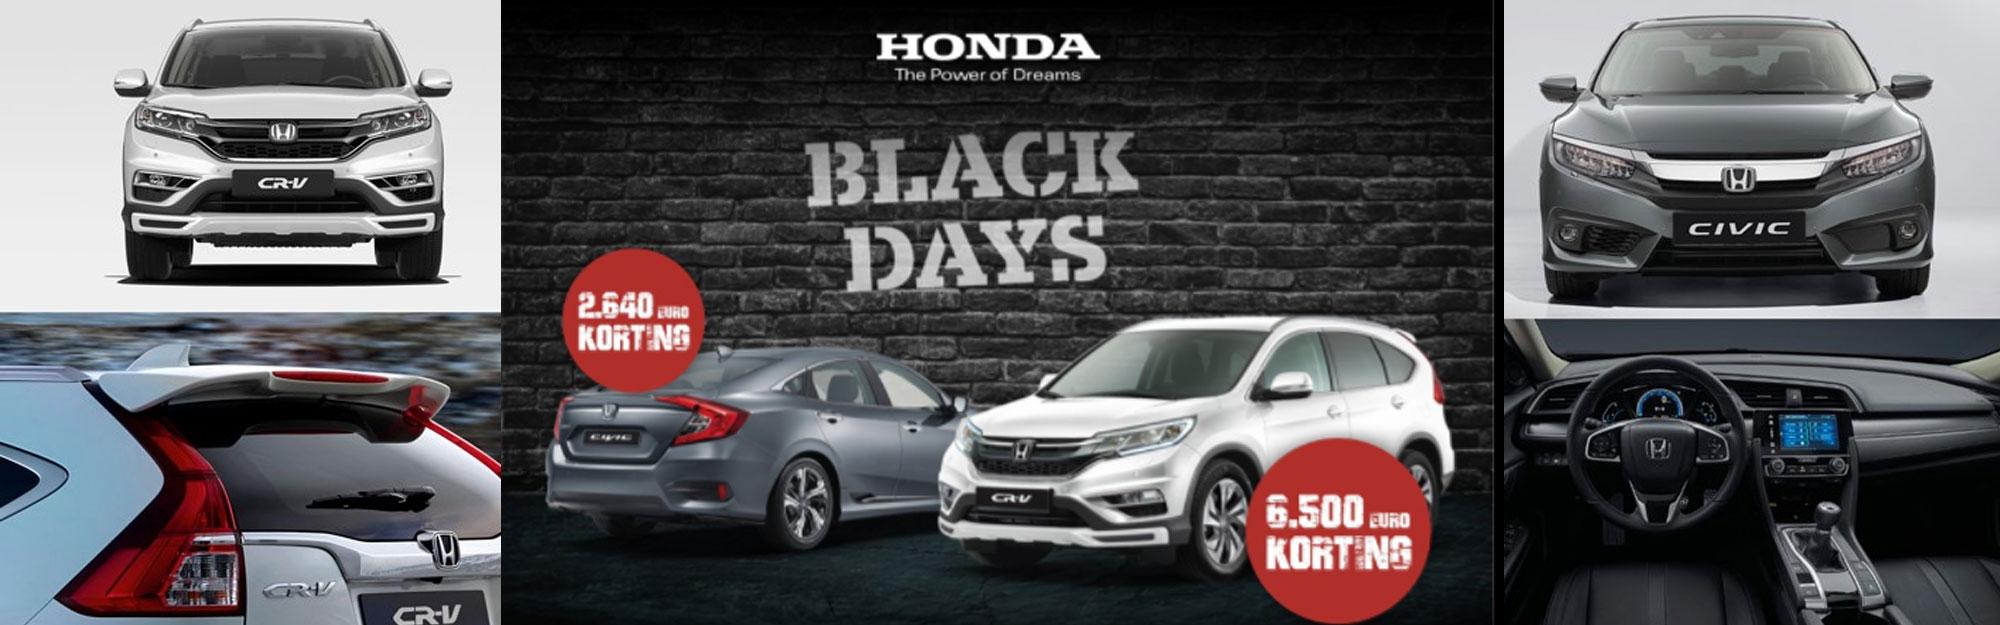 Honda Vabis Black Days 2017